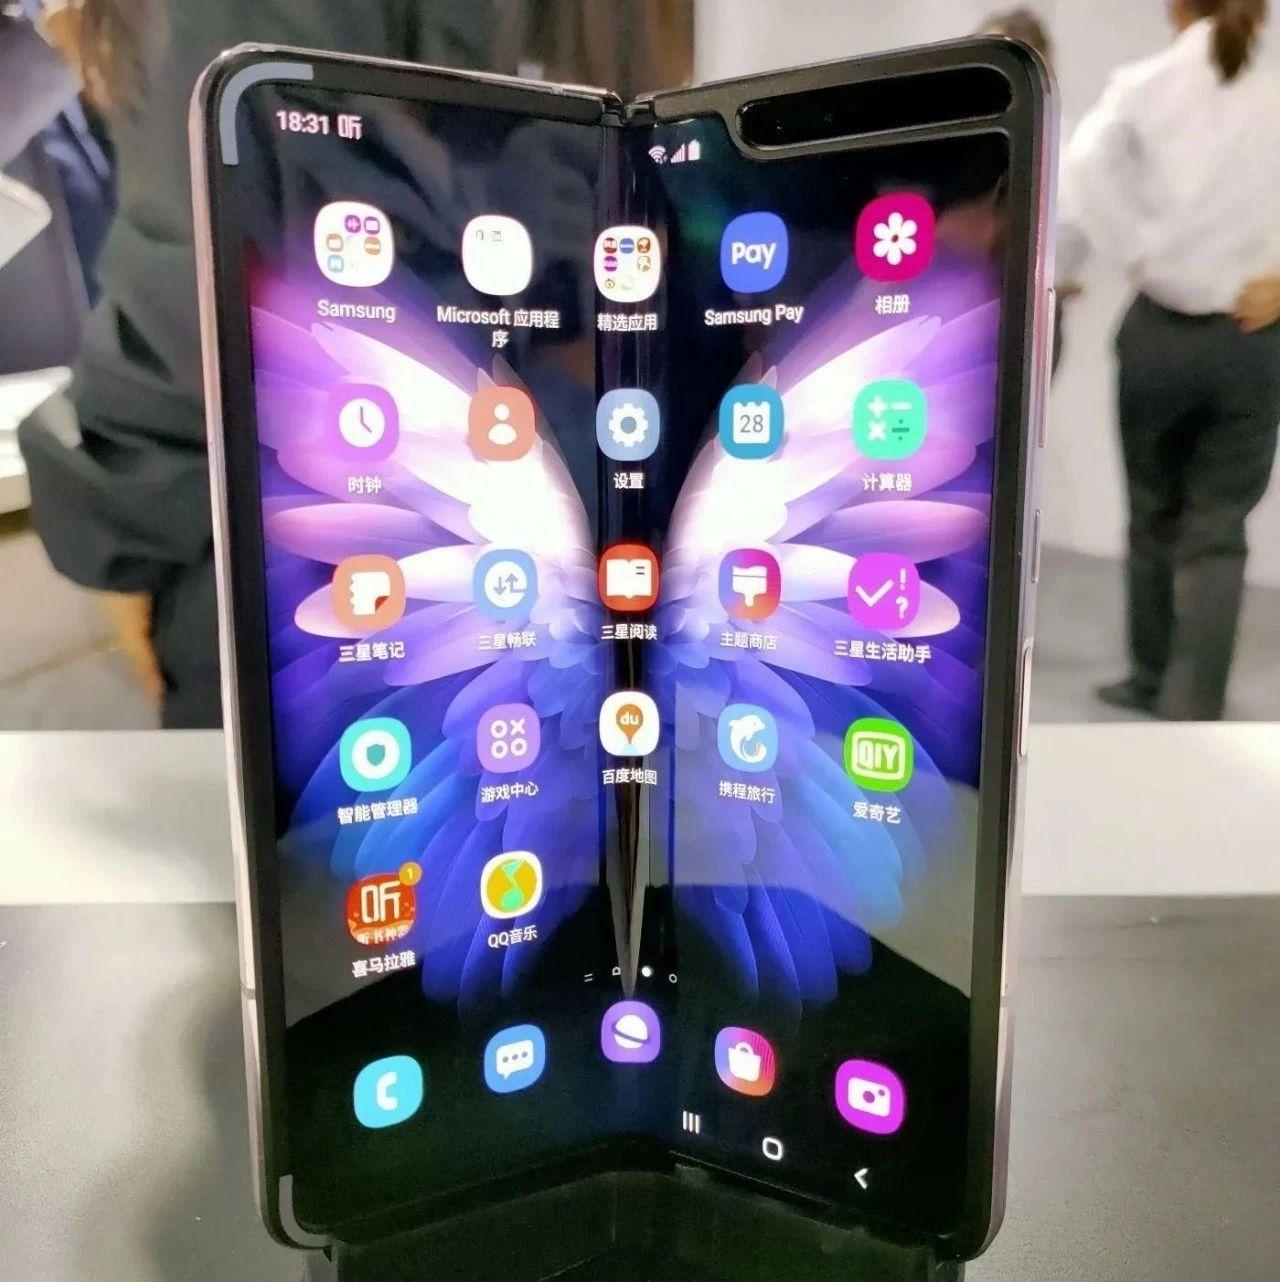 折叠屏热度大减,手机形态创新陷入僵局